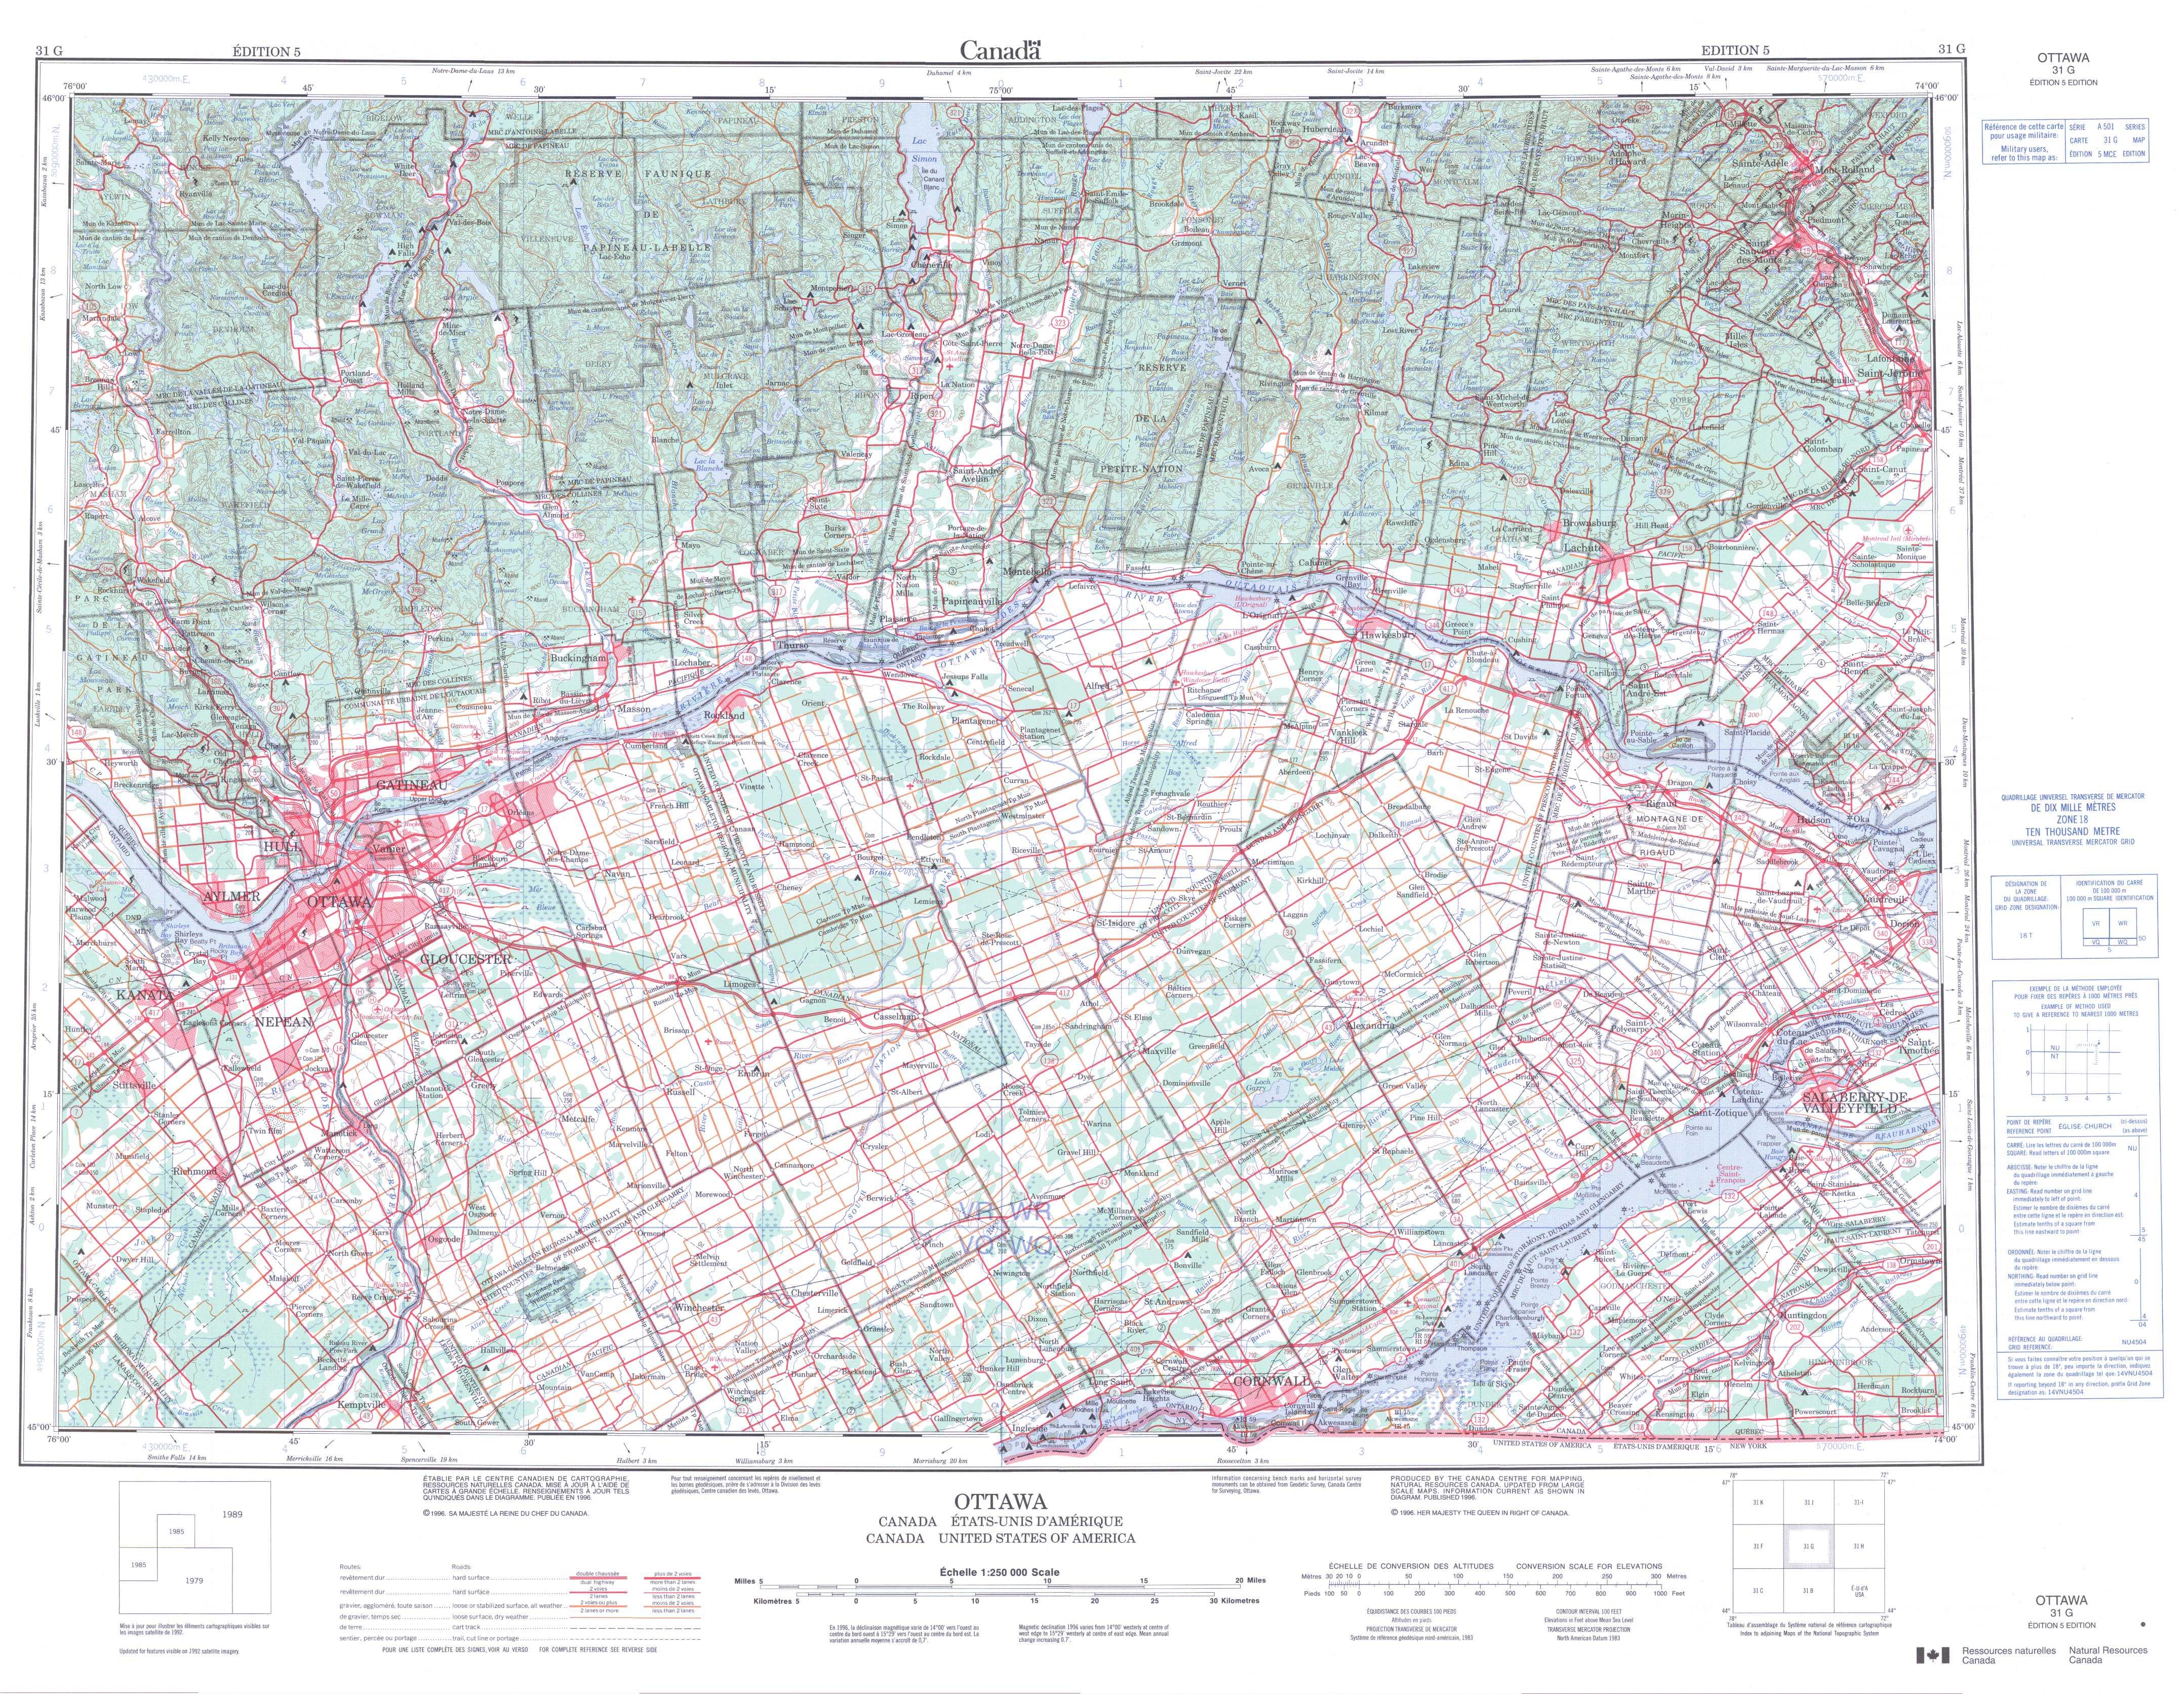 Printable Topographic Map Of Ottawa 031G, On - Free Printable Topo Maps